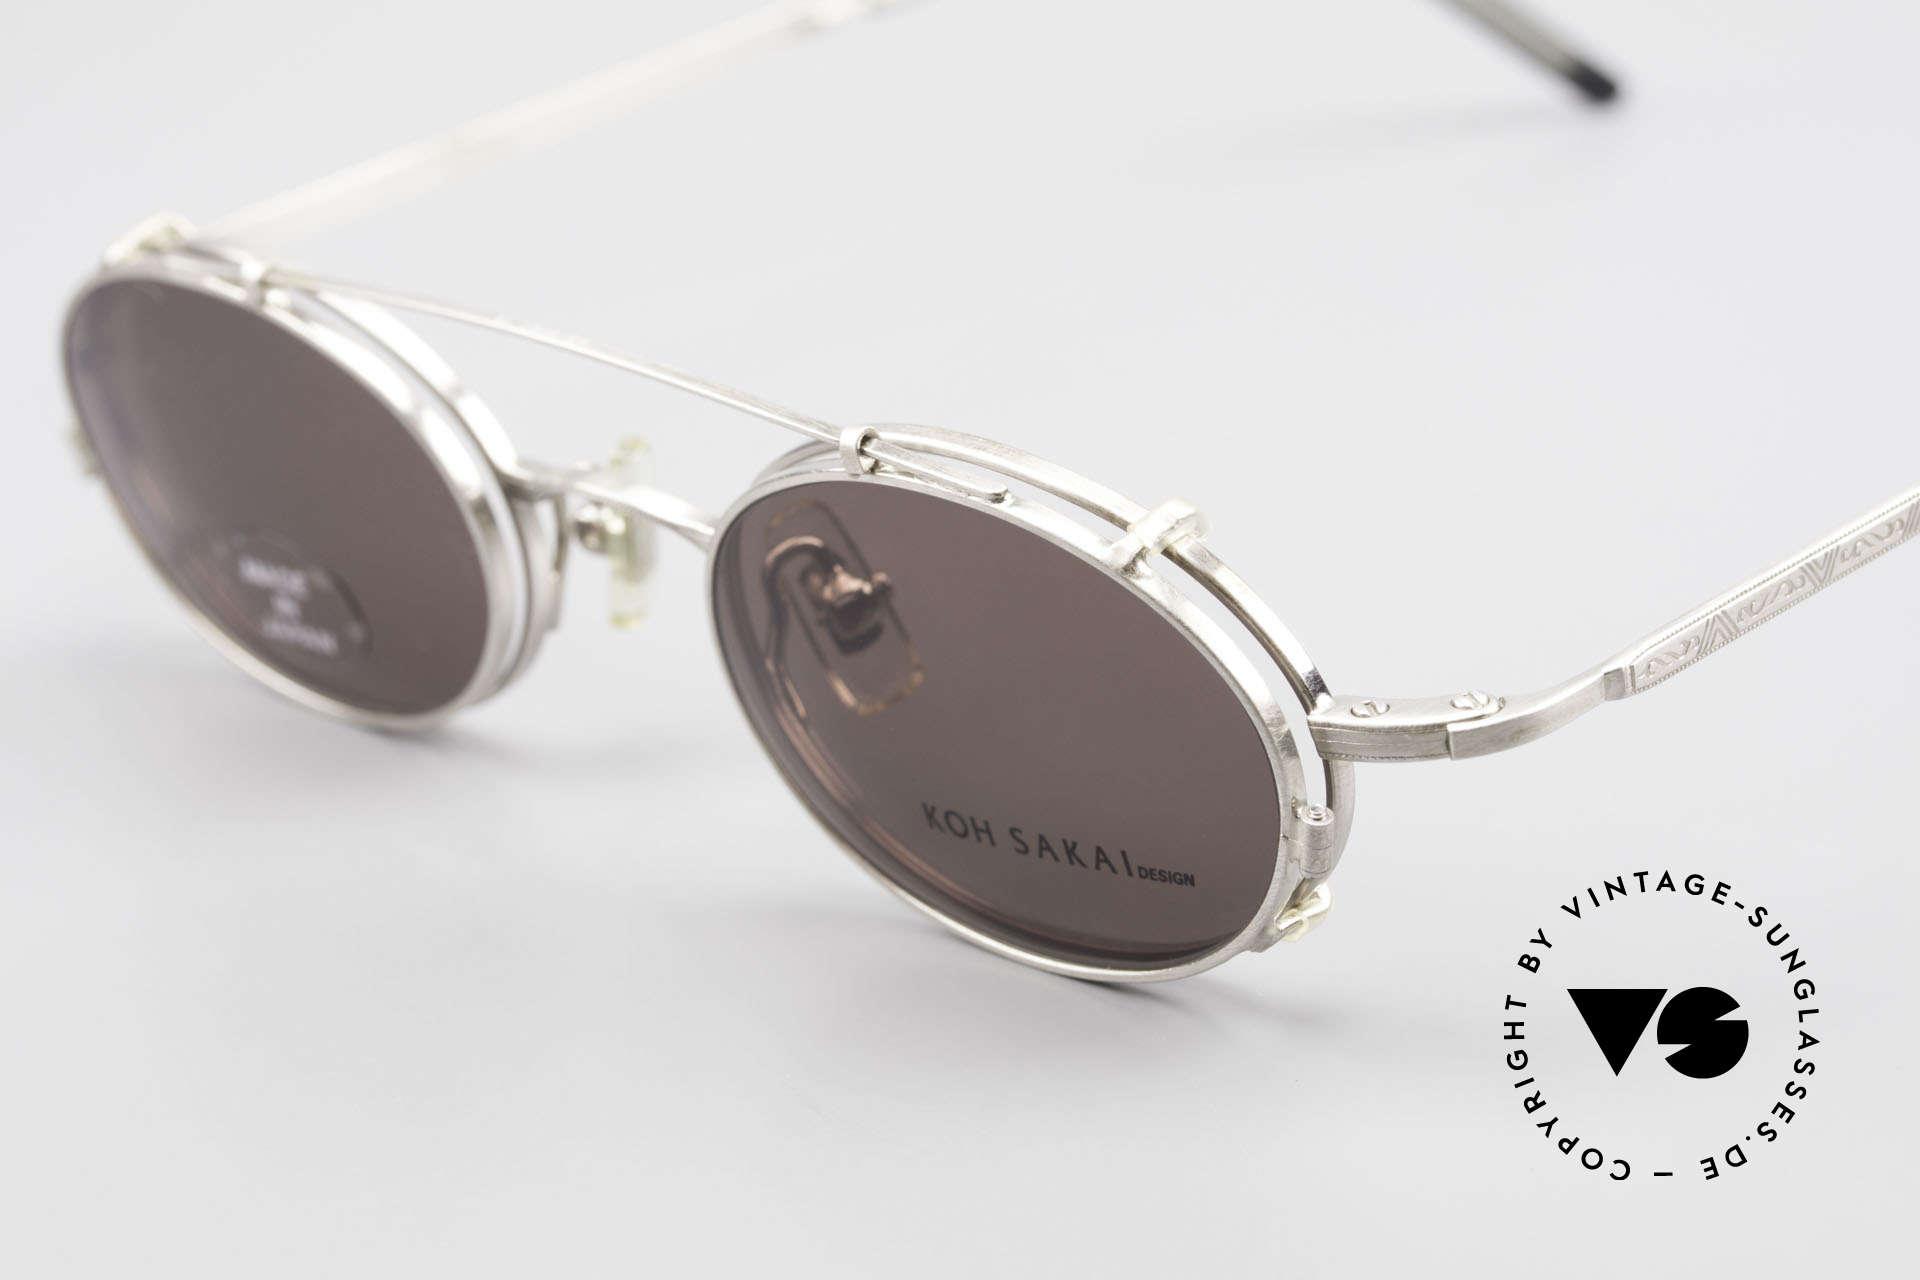 Koh Sakai KS9781 Vintage Brille Metall Unisex, aus dem gleichen Werk wie Oliver Peoples und Eyevan, Passend für Herren und Damen